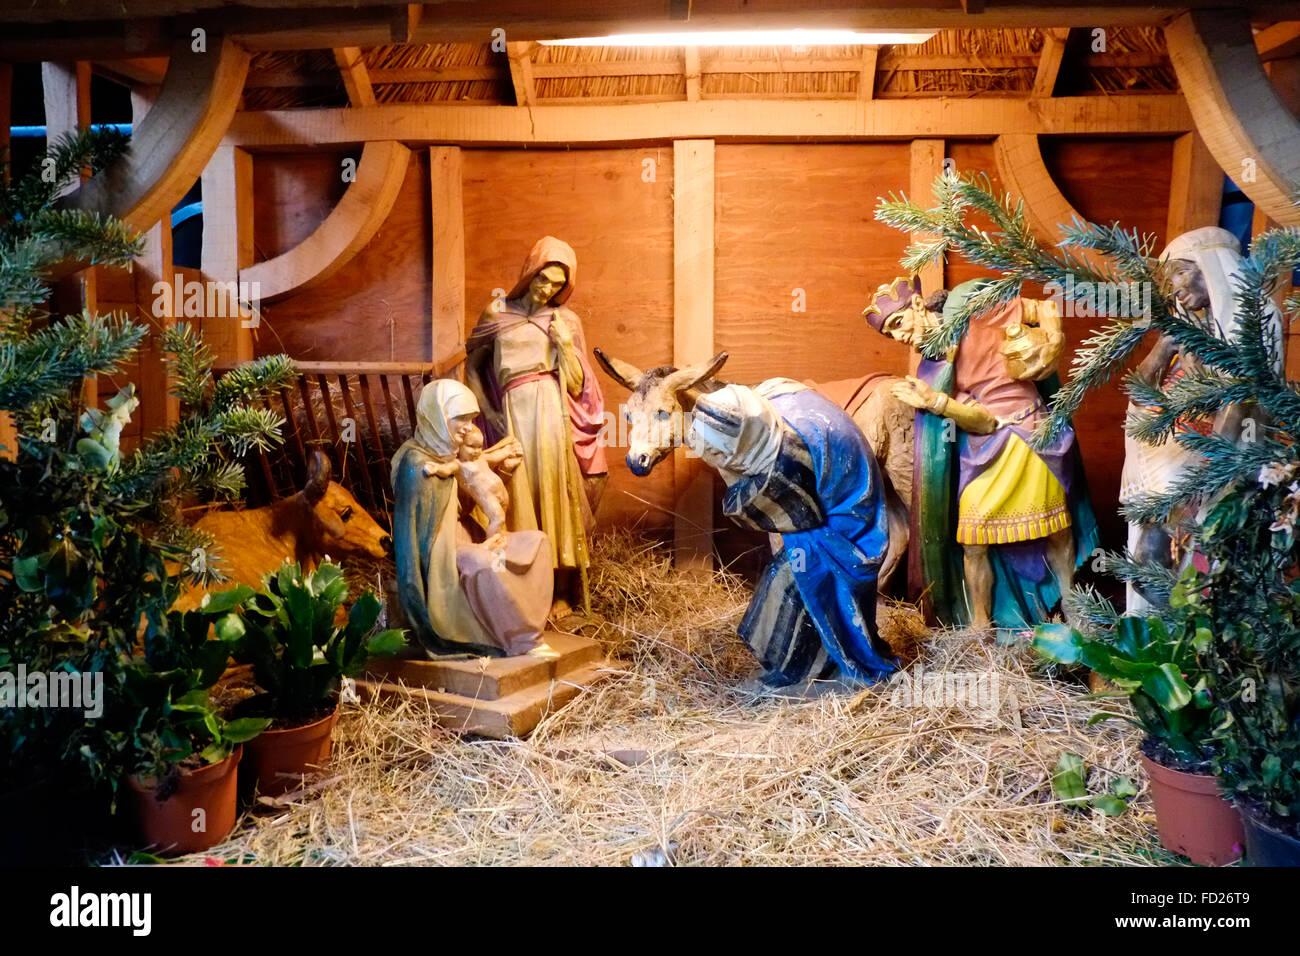 Eine Krippe eingerichtet in einer Kirche zu Weihnachten Stockfoto ...